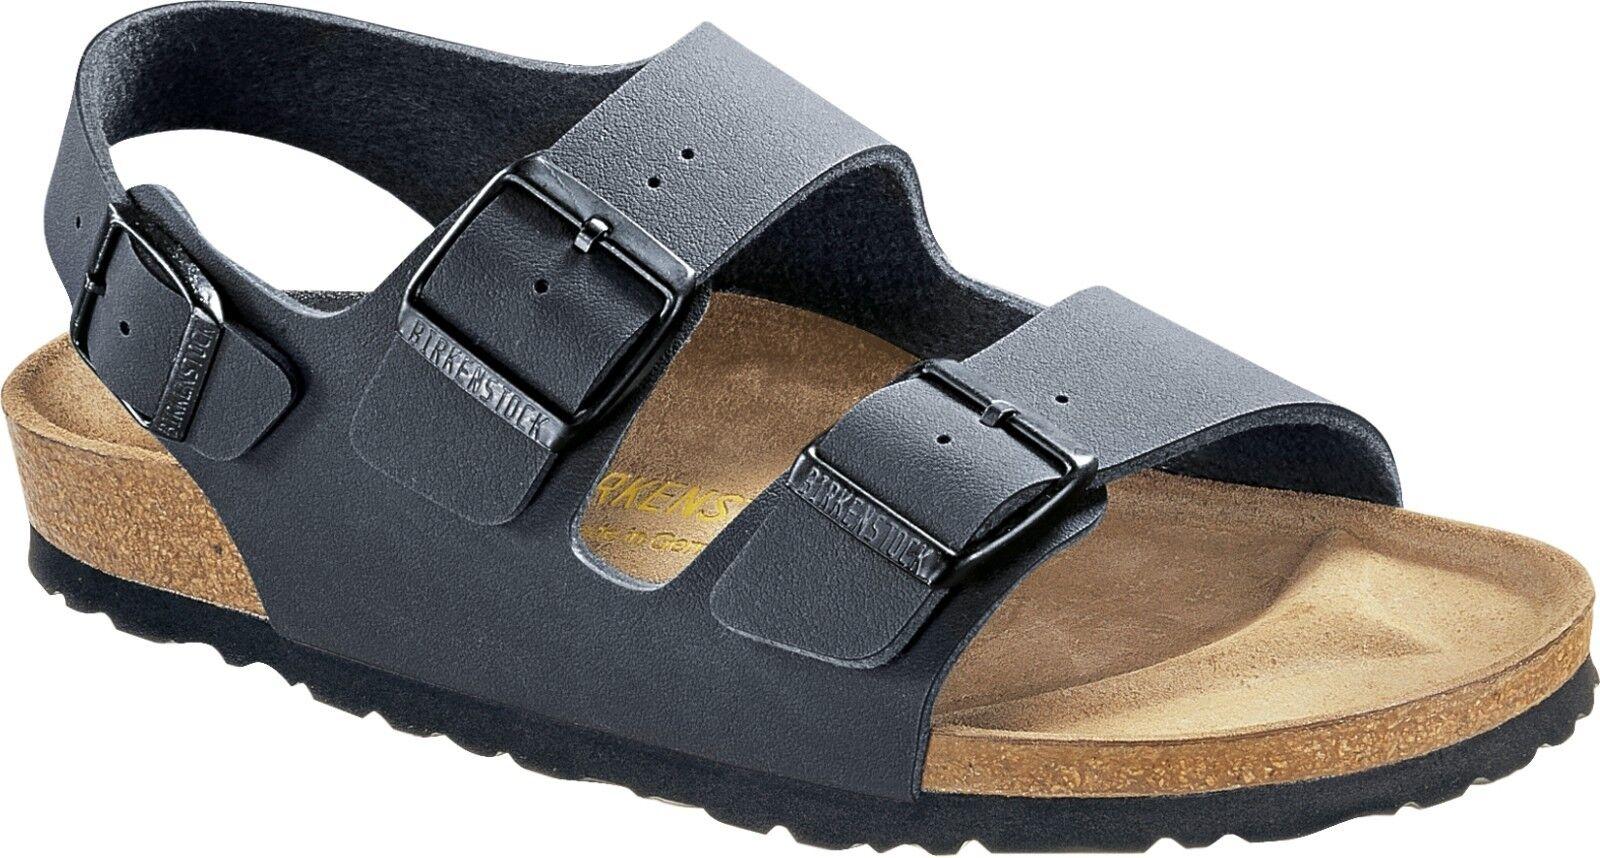 Sandali e scarpe per il mare da uomo Birkenstock MILANO basalto Birko-Flor MIS. 37-46 plantare sottile & normale